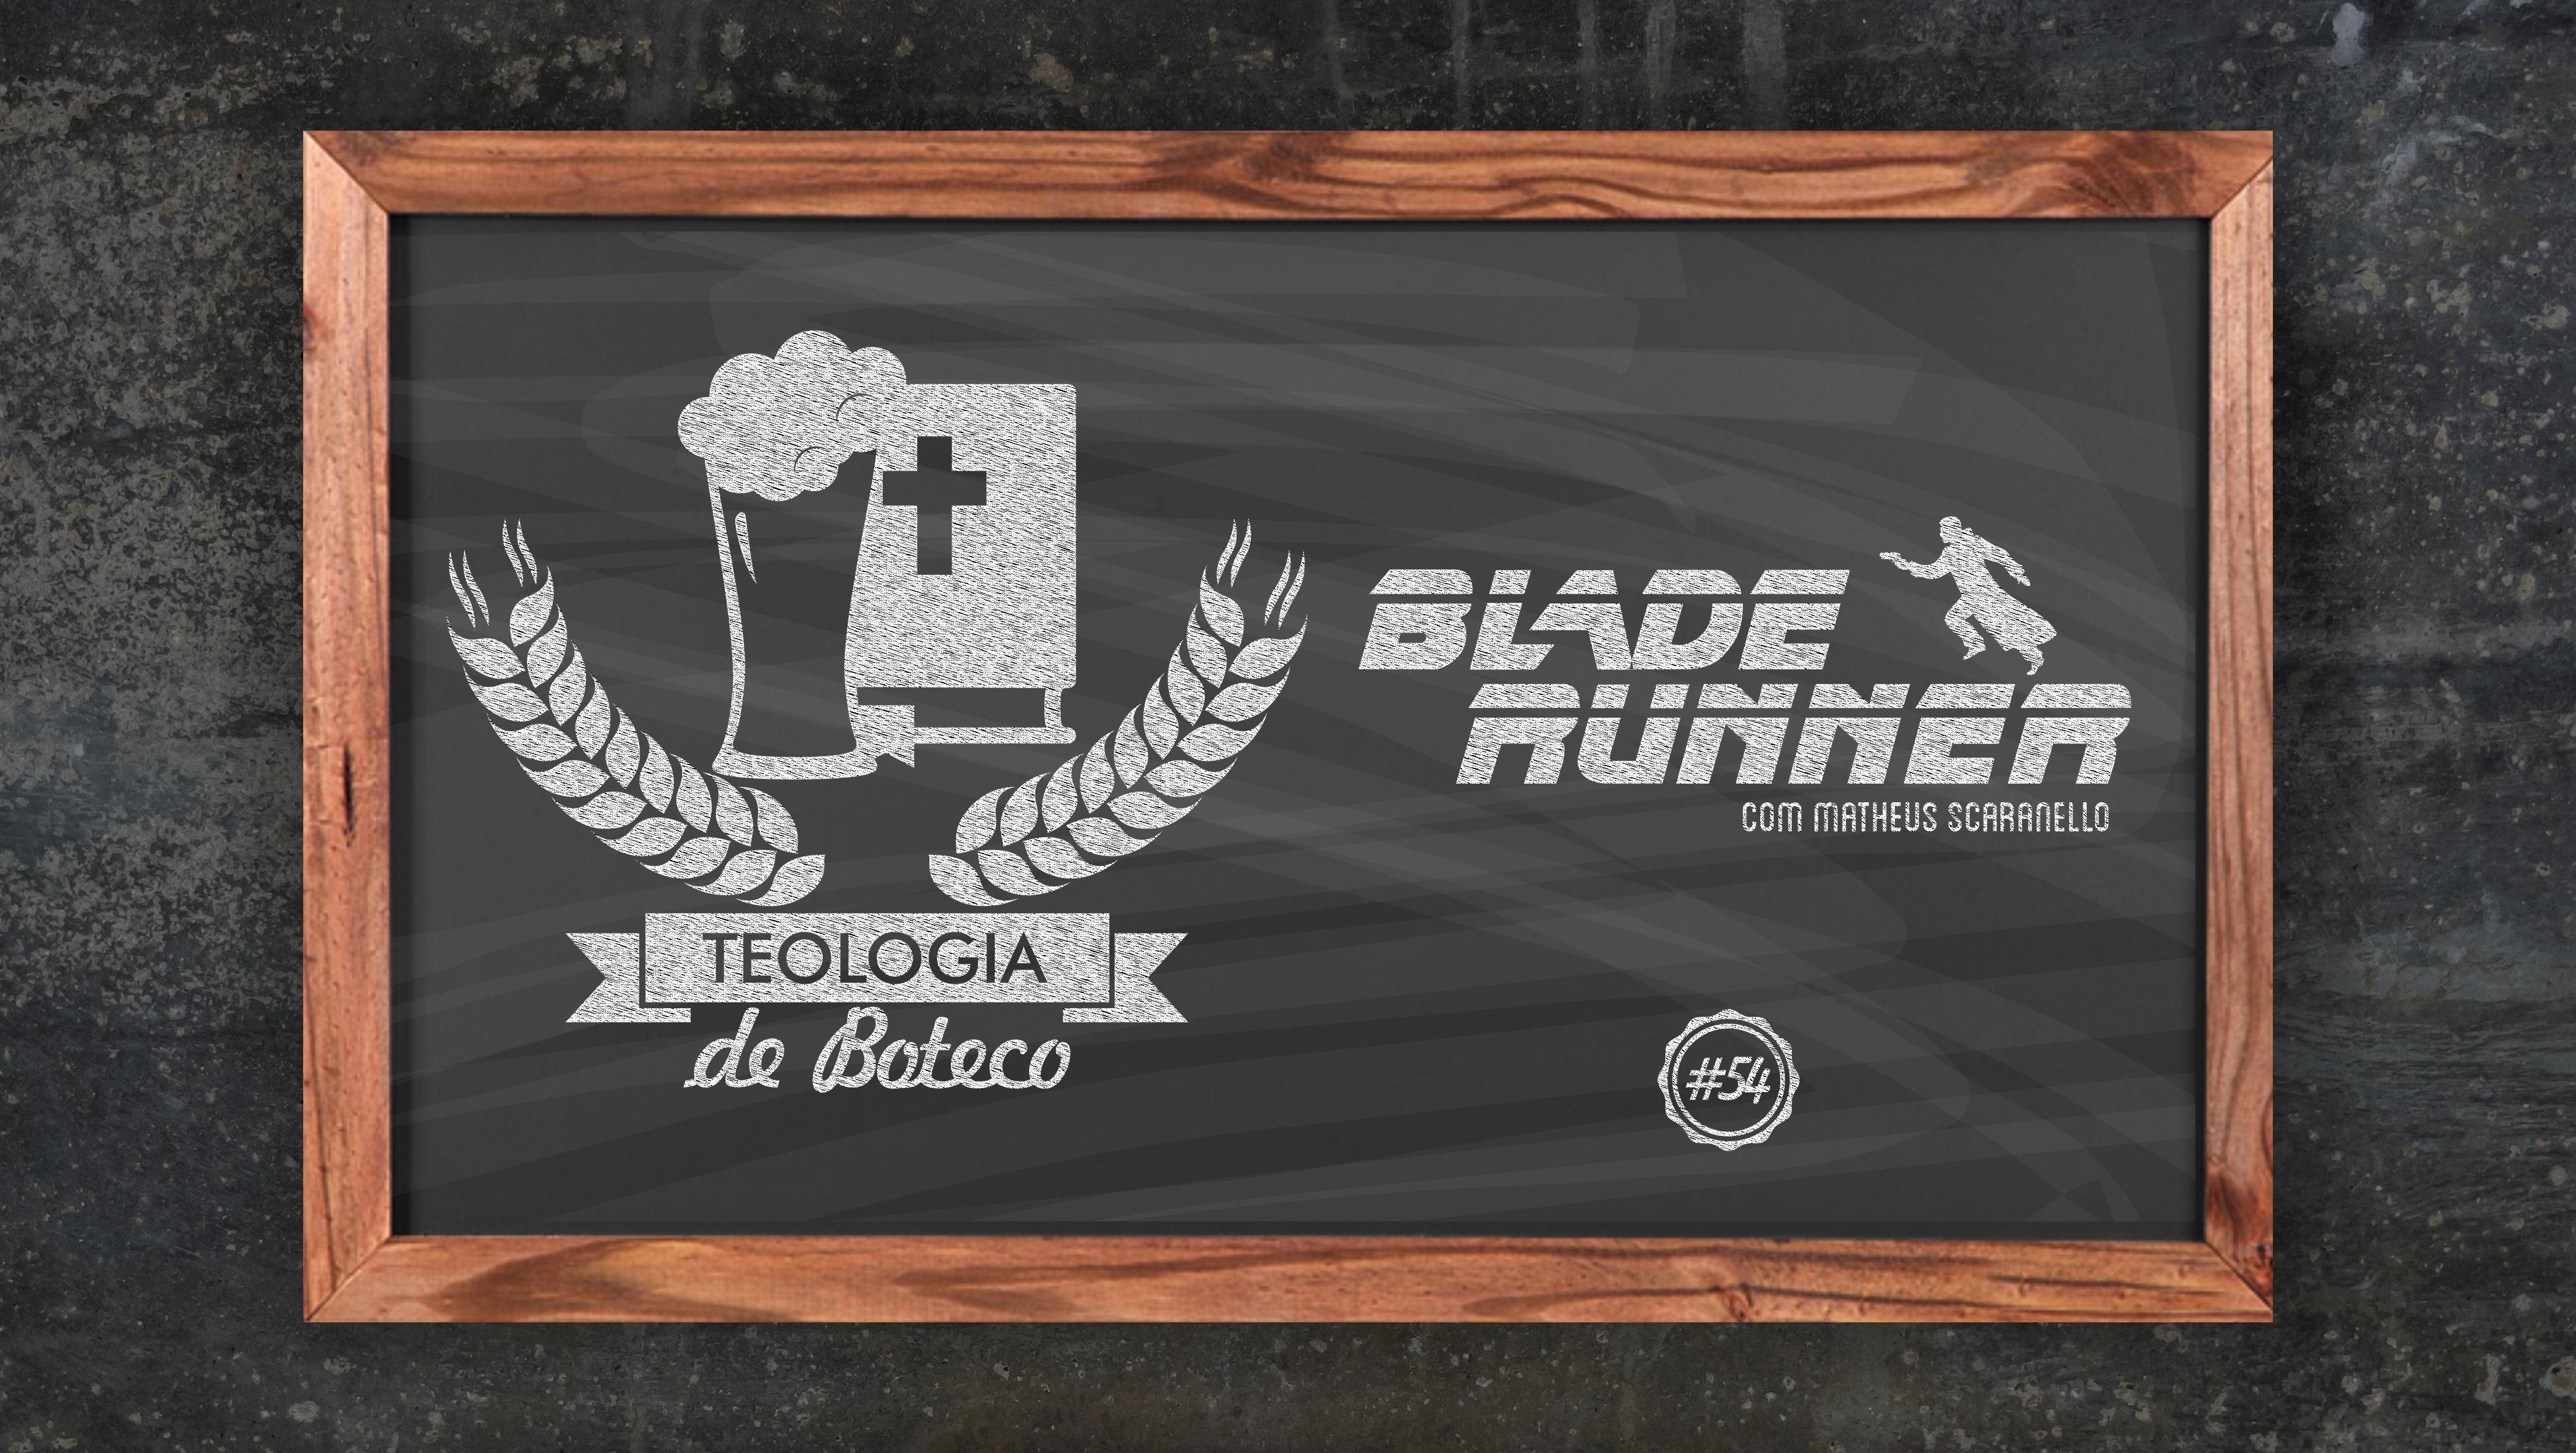 Teologia de Boteco 54 Blade Runner